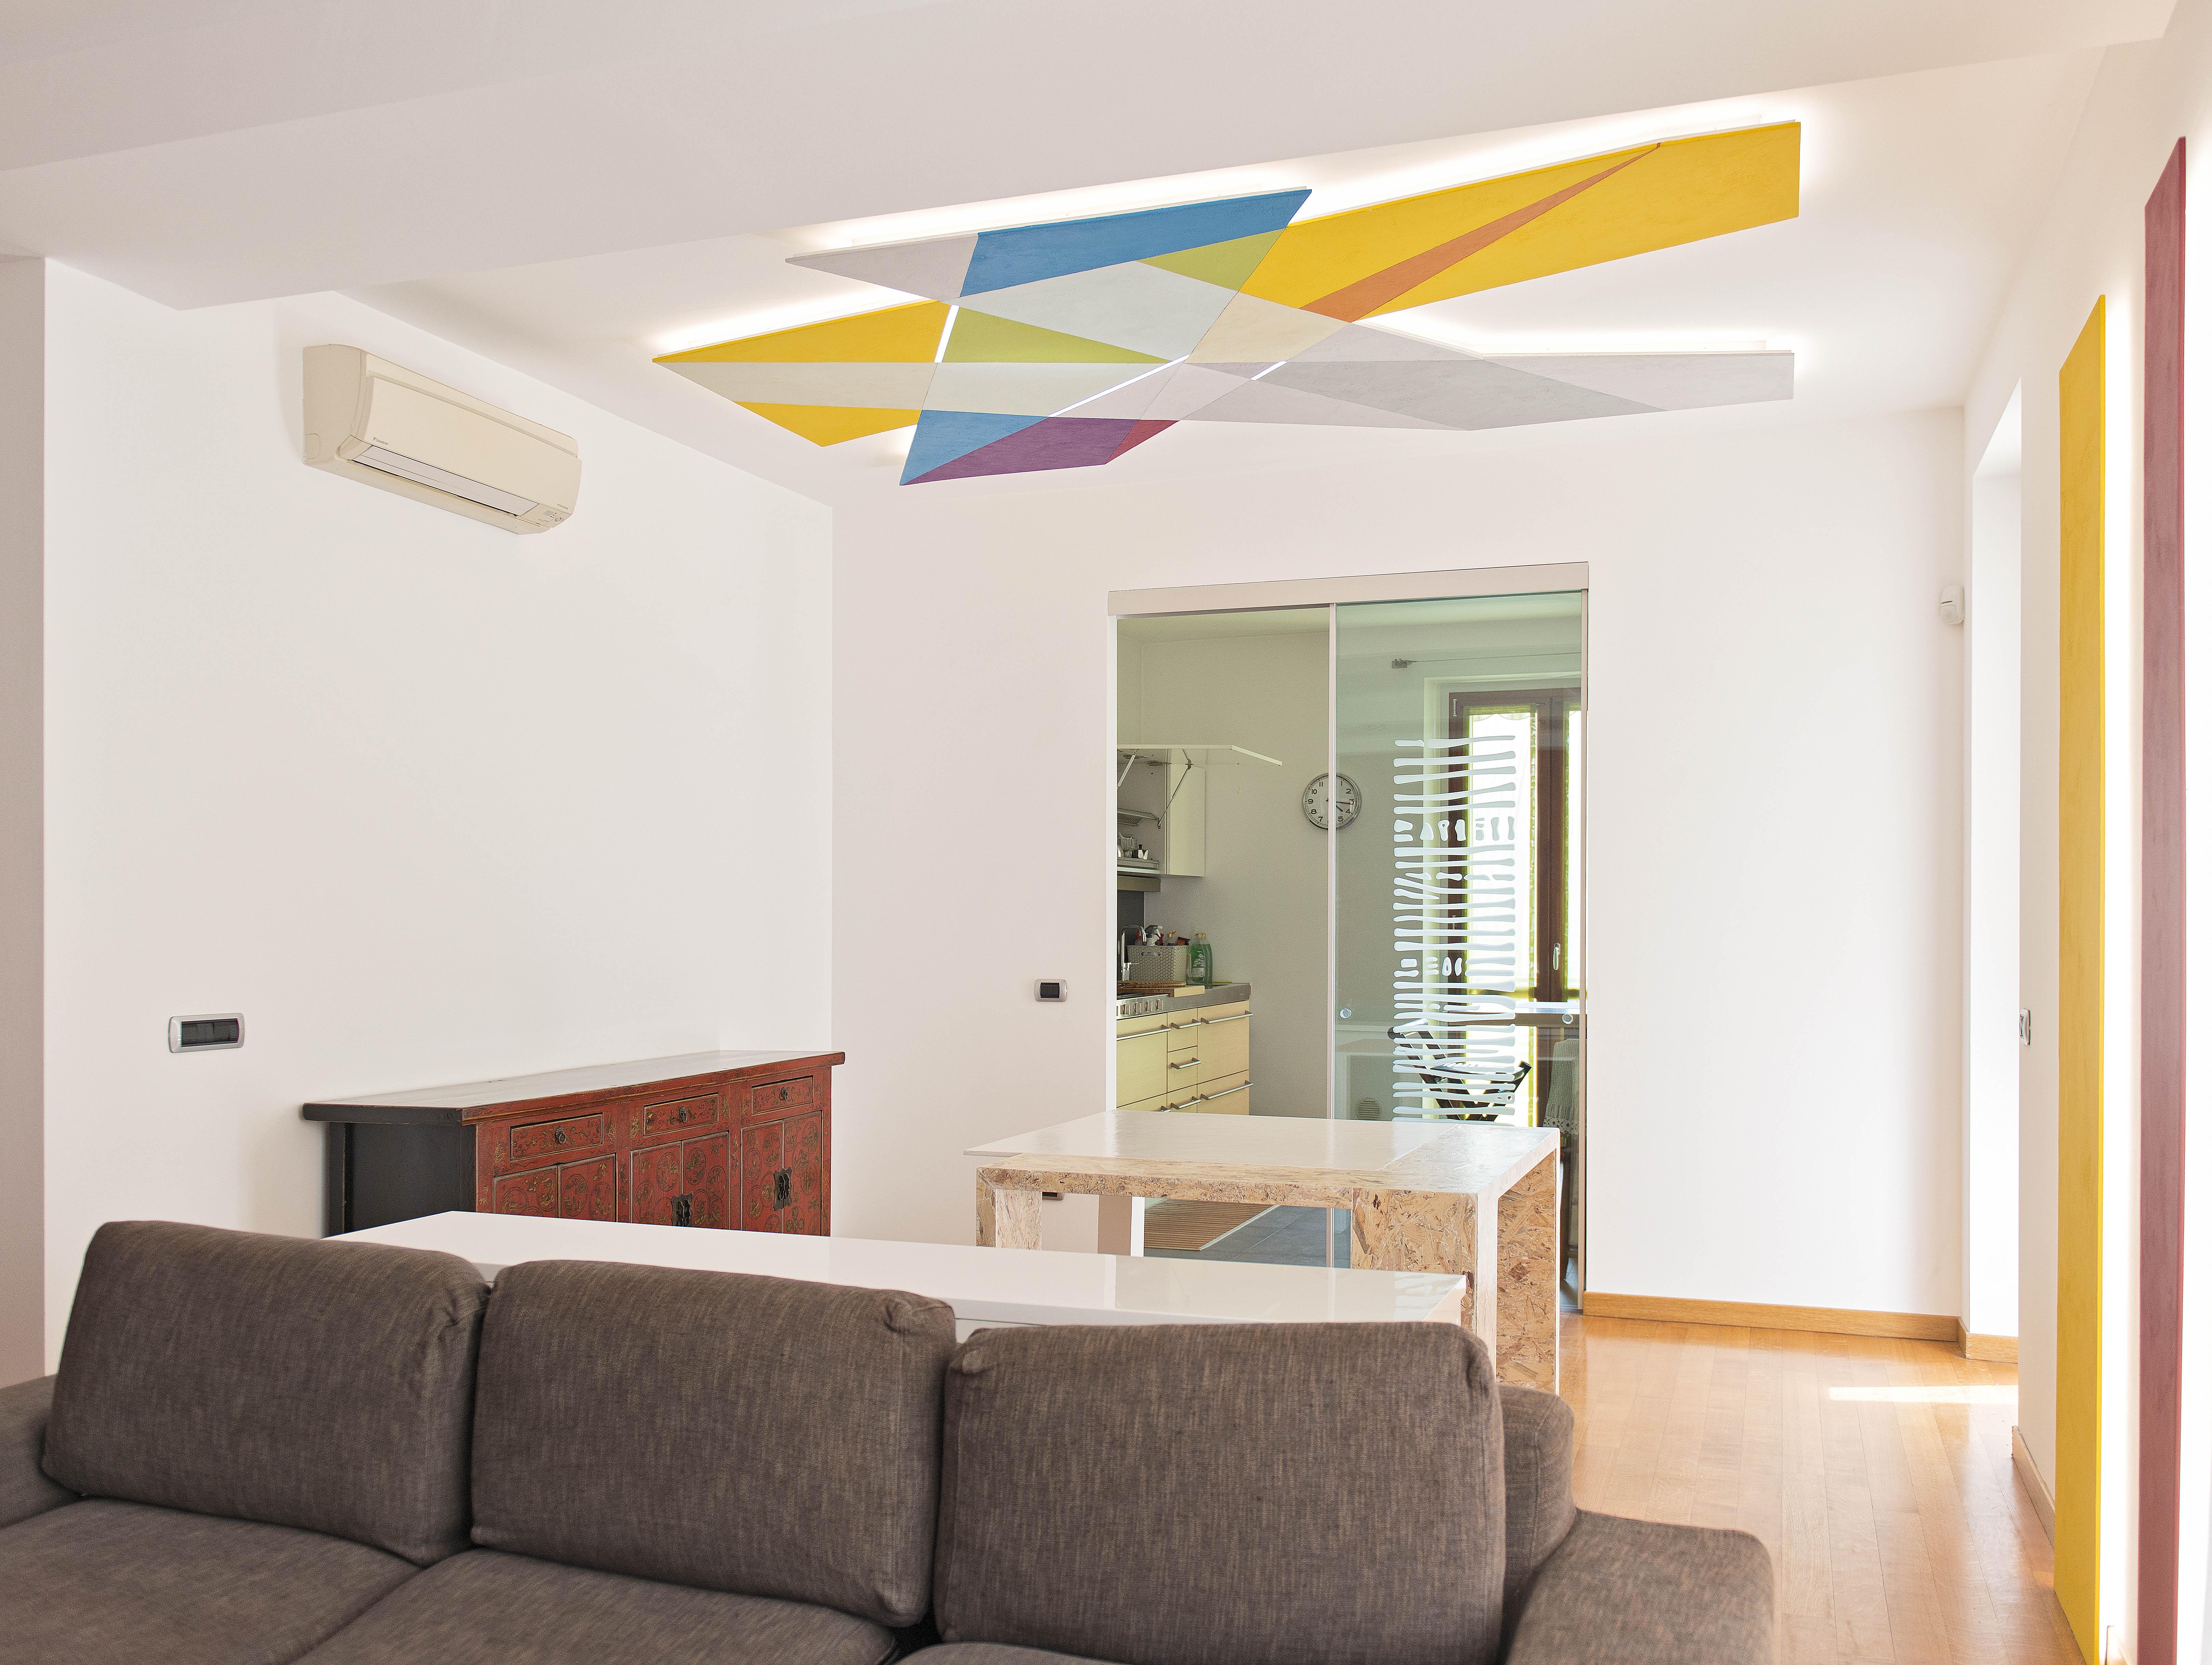 scultura luminosa e tavolo di design 01